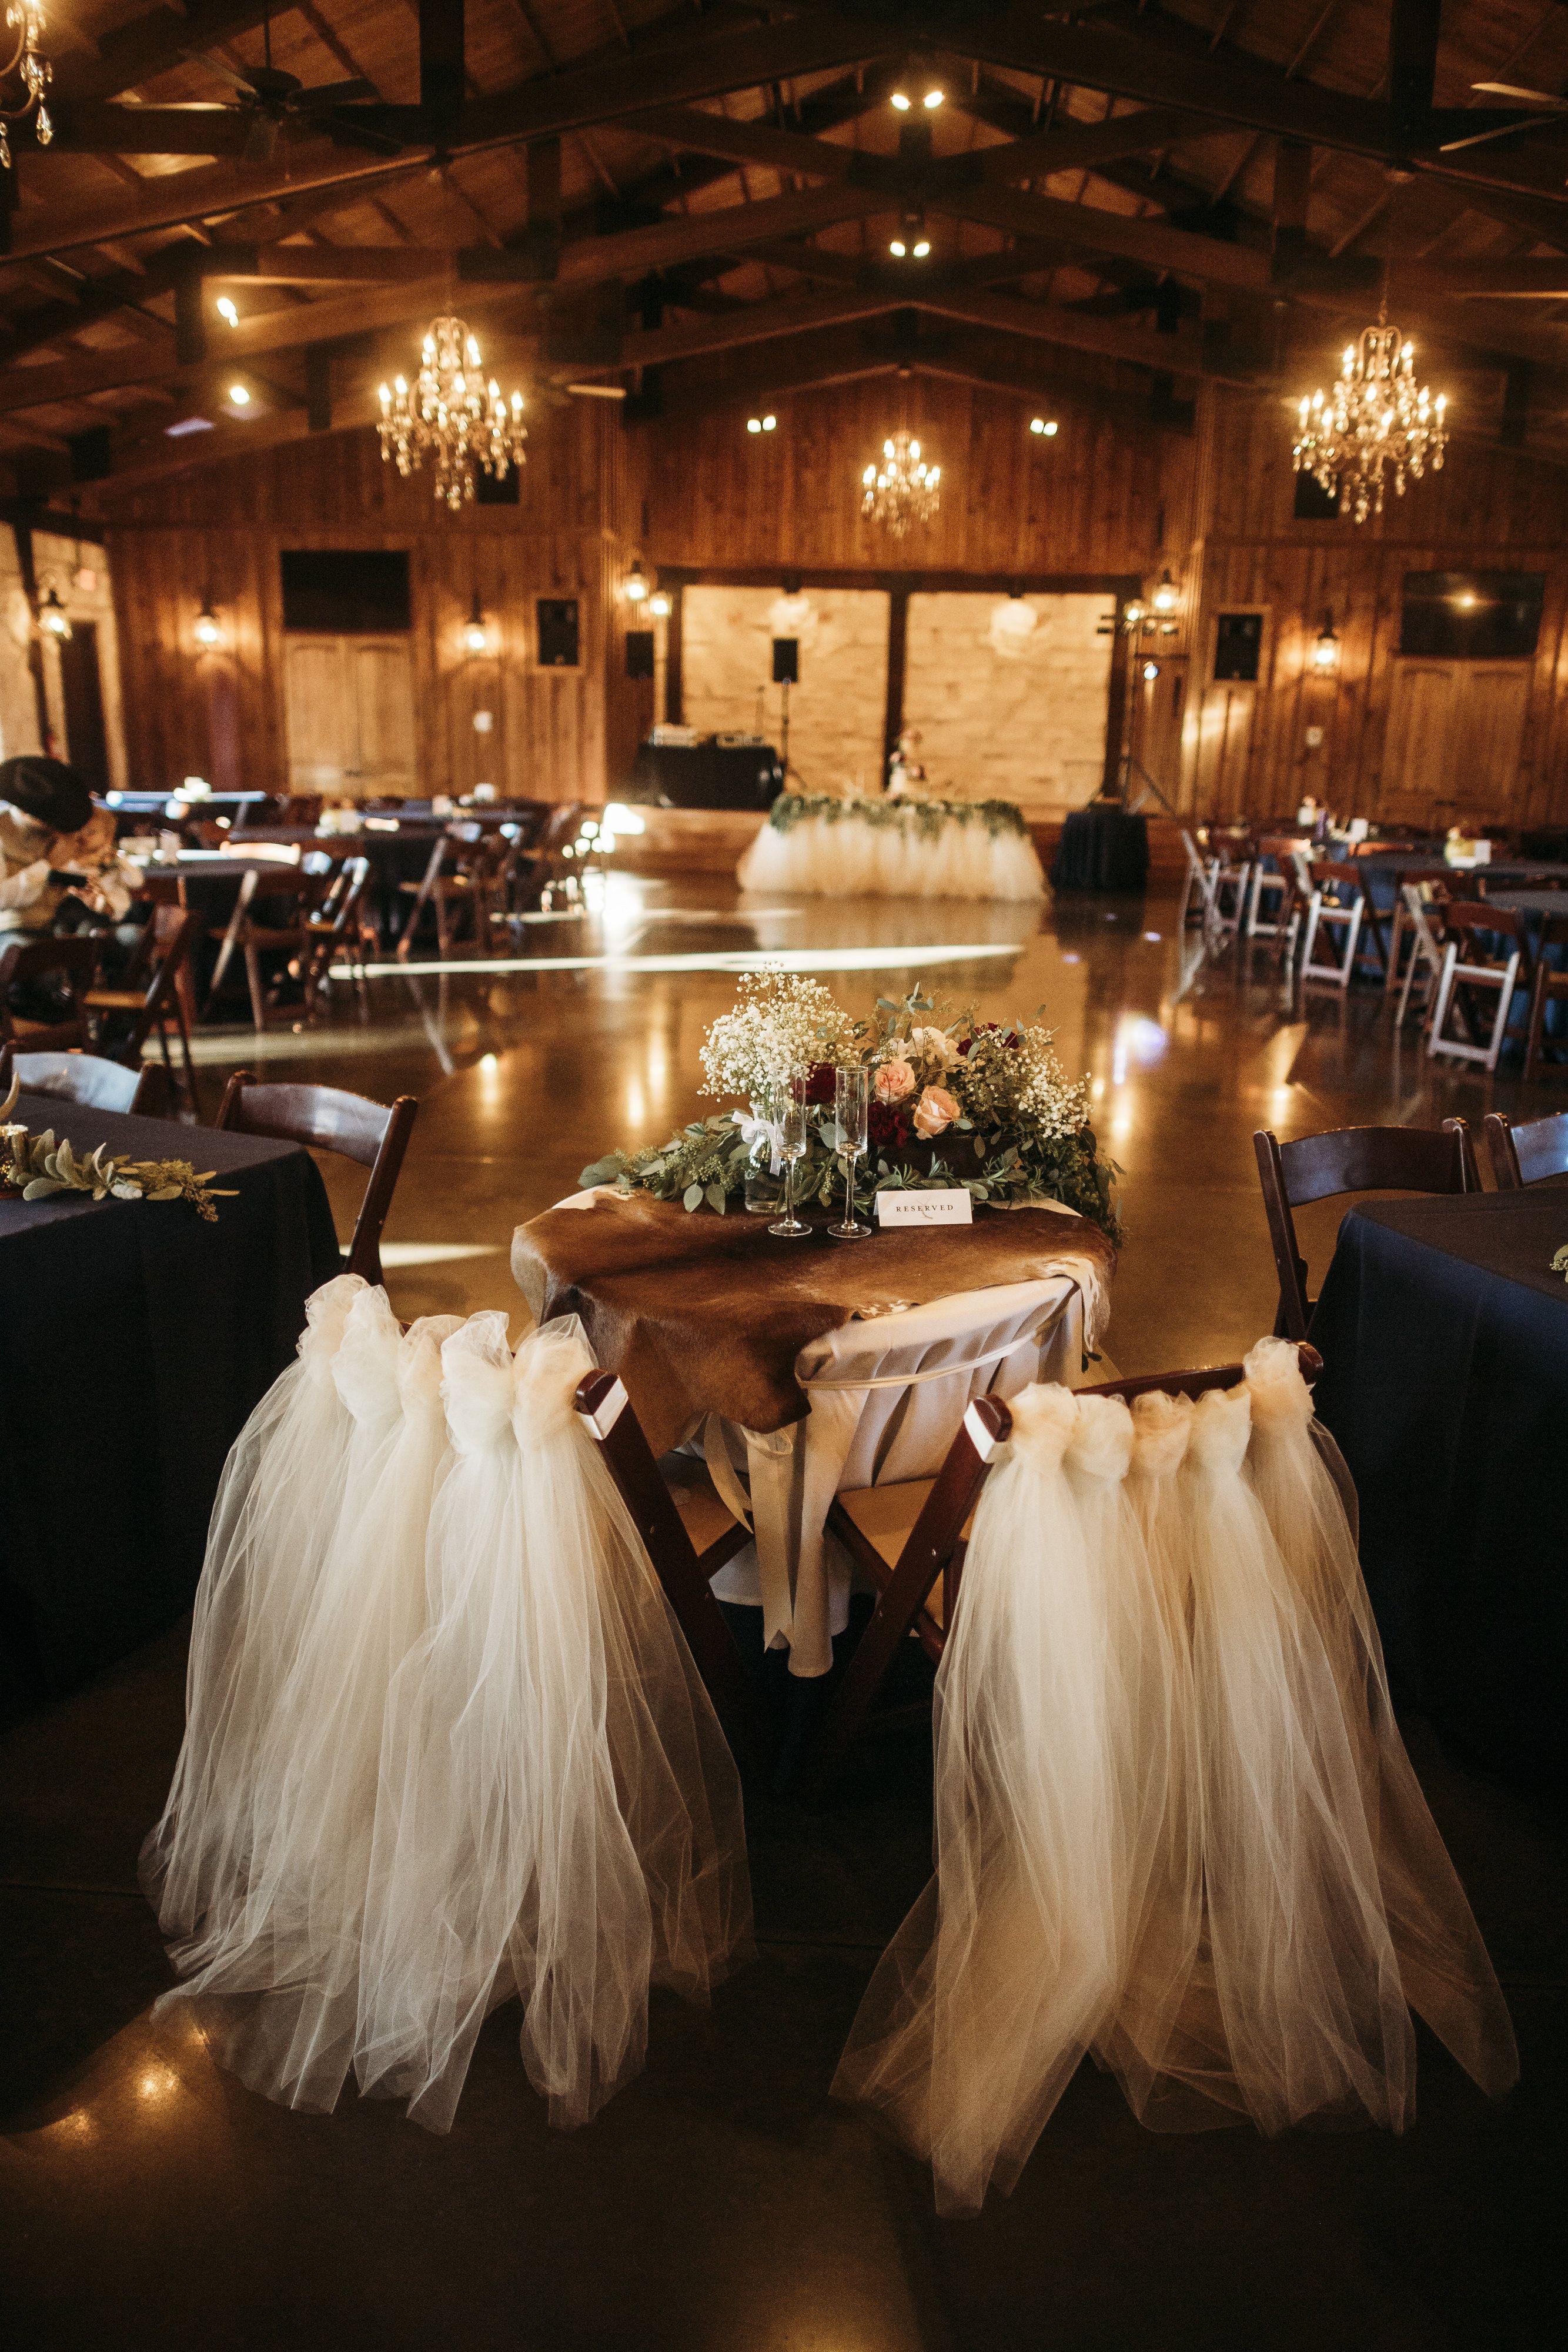 Norman Wedding Venue Springs Venue Country Wedding Decorations Wedding Table Decorations Elegant Country Wedding